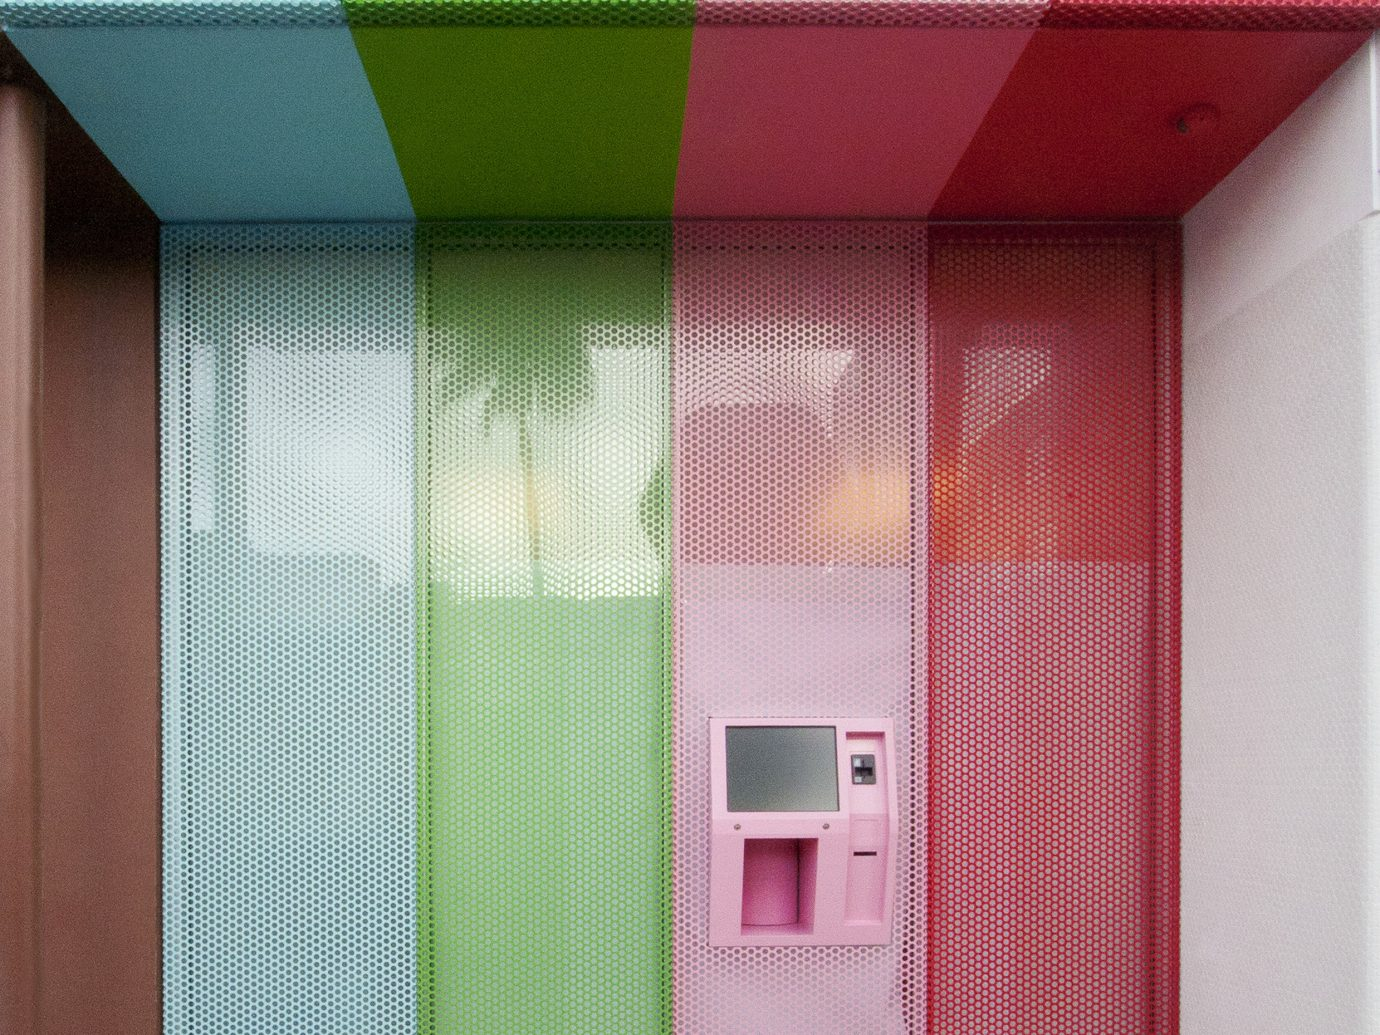 Food + Drink Trip Ideas color wall interior design Design window covering facade door